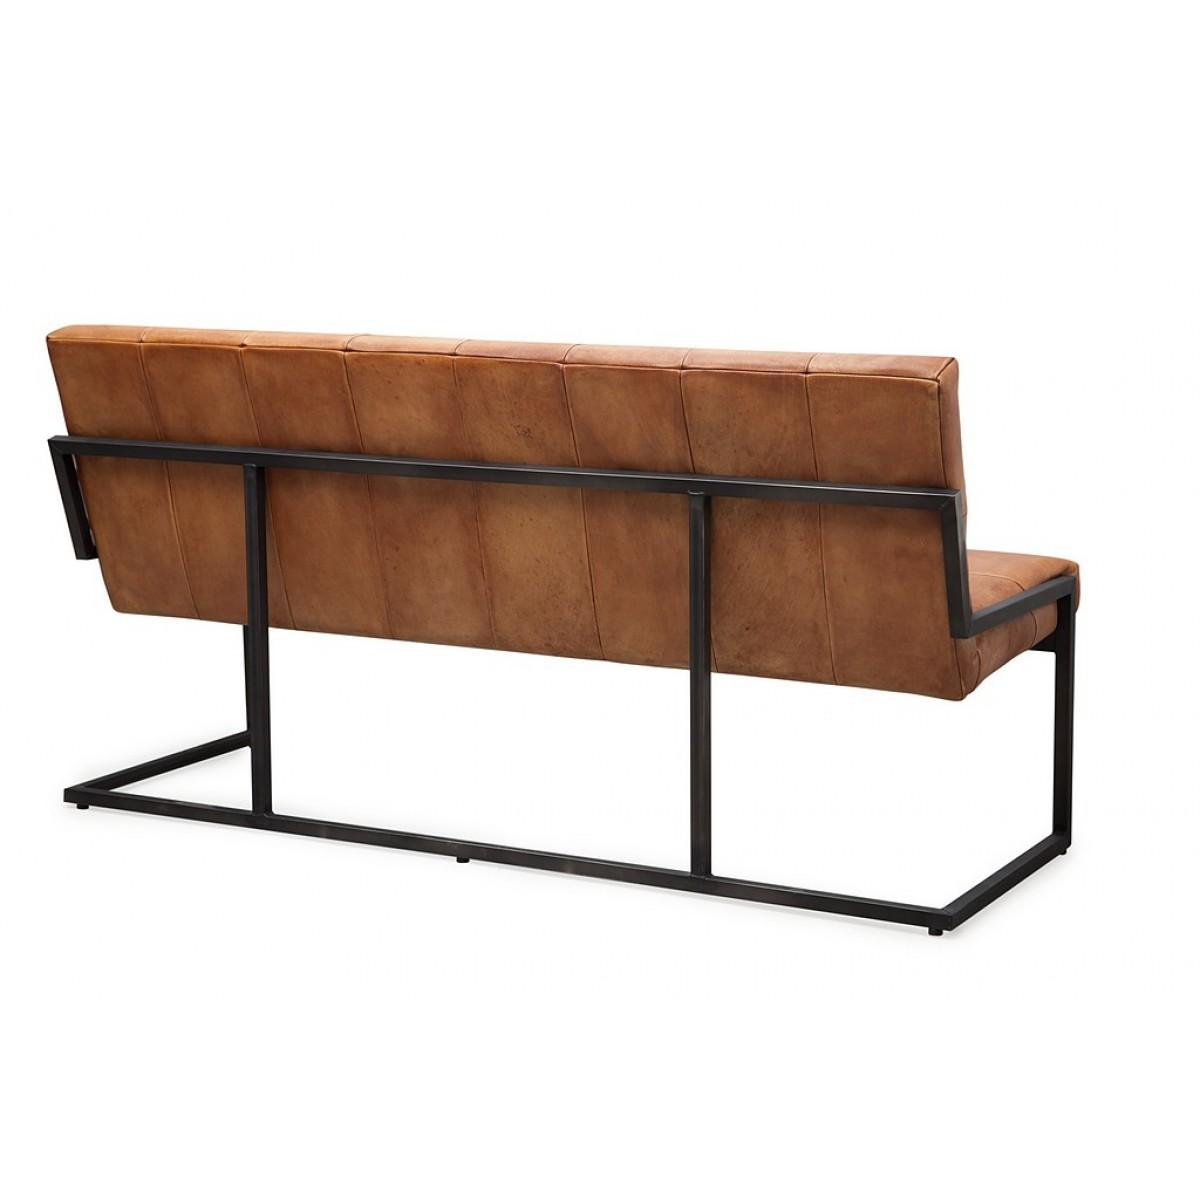 zitbank_bench_calabro_caballero_buffel_leer_metalen_frame_back